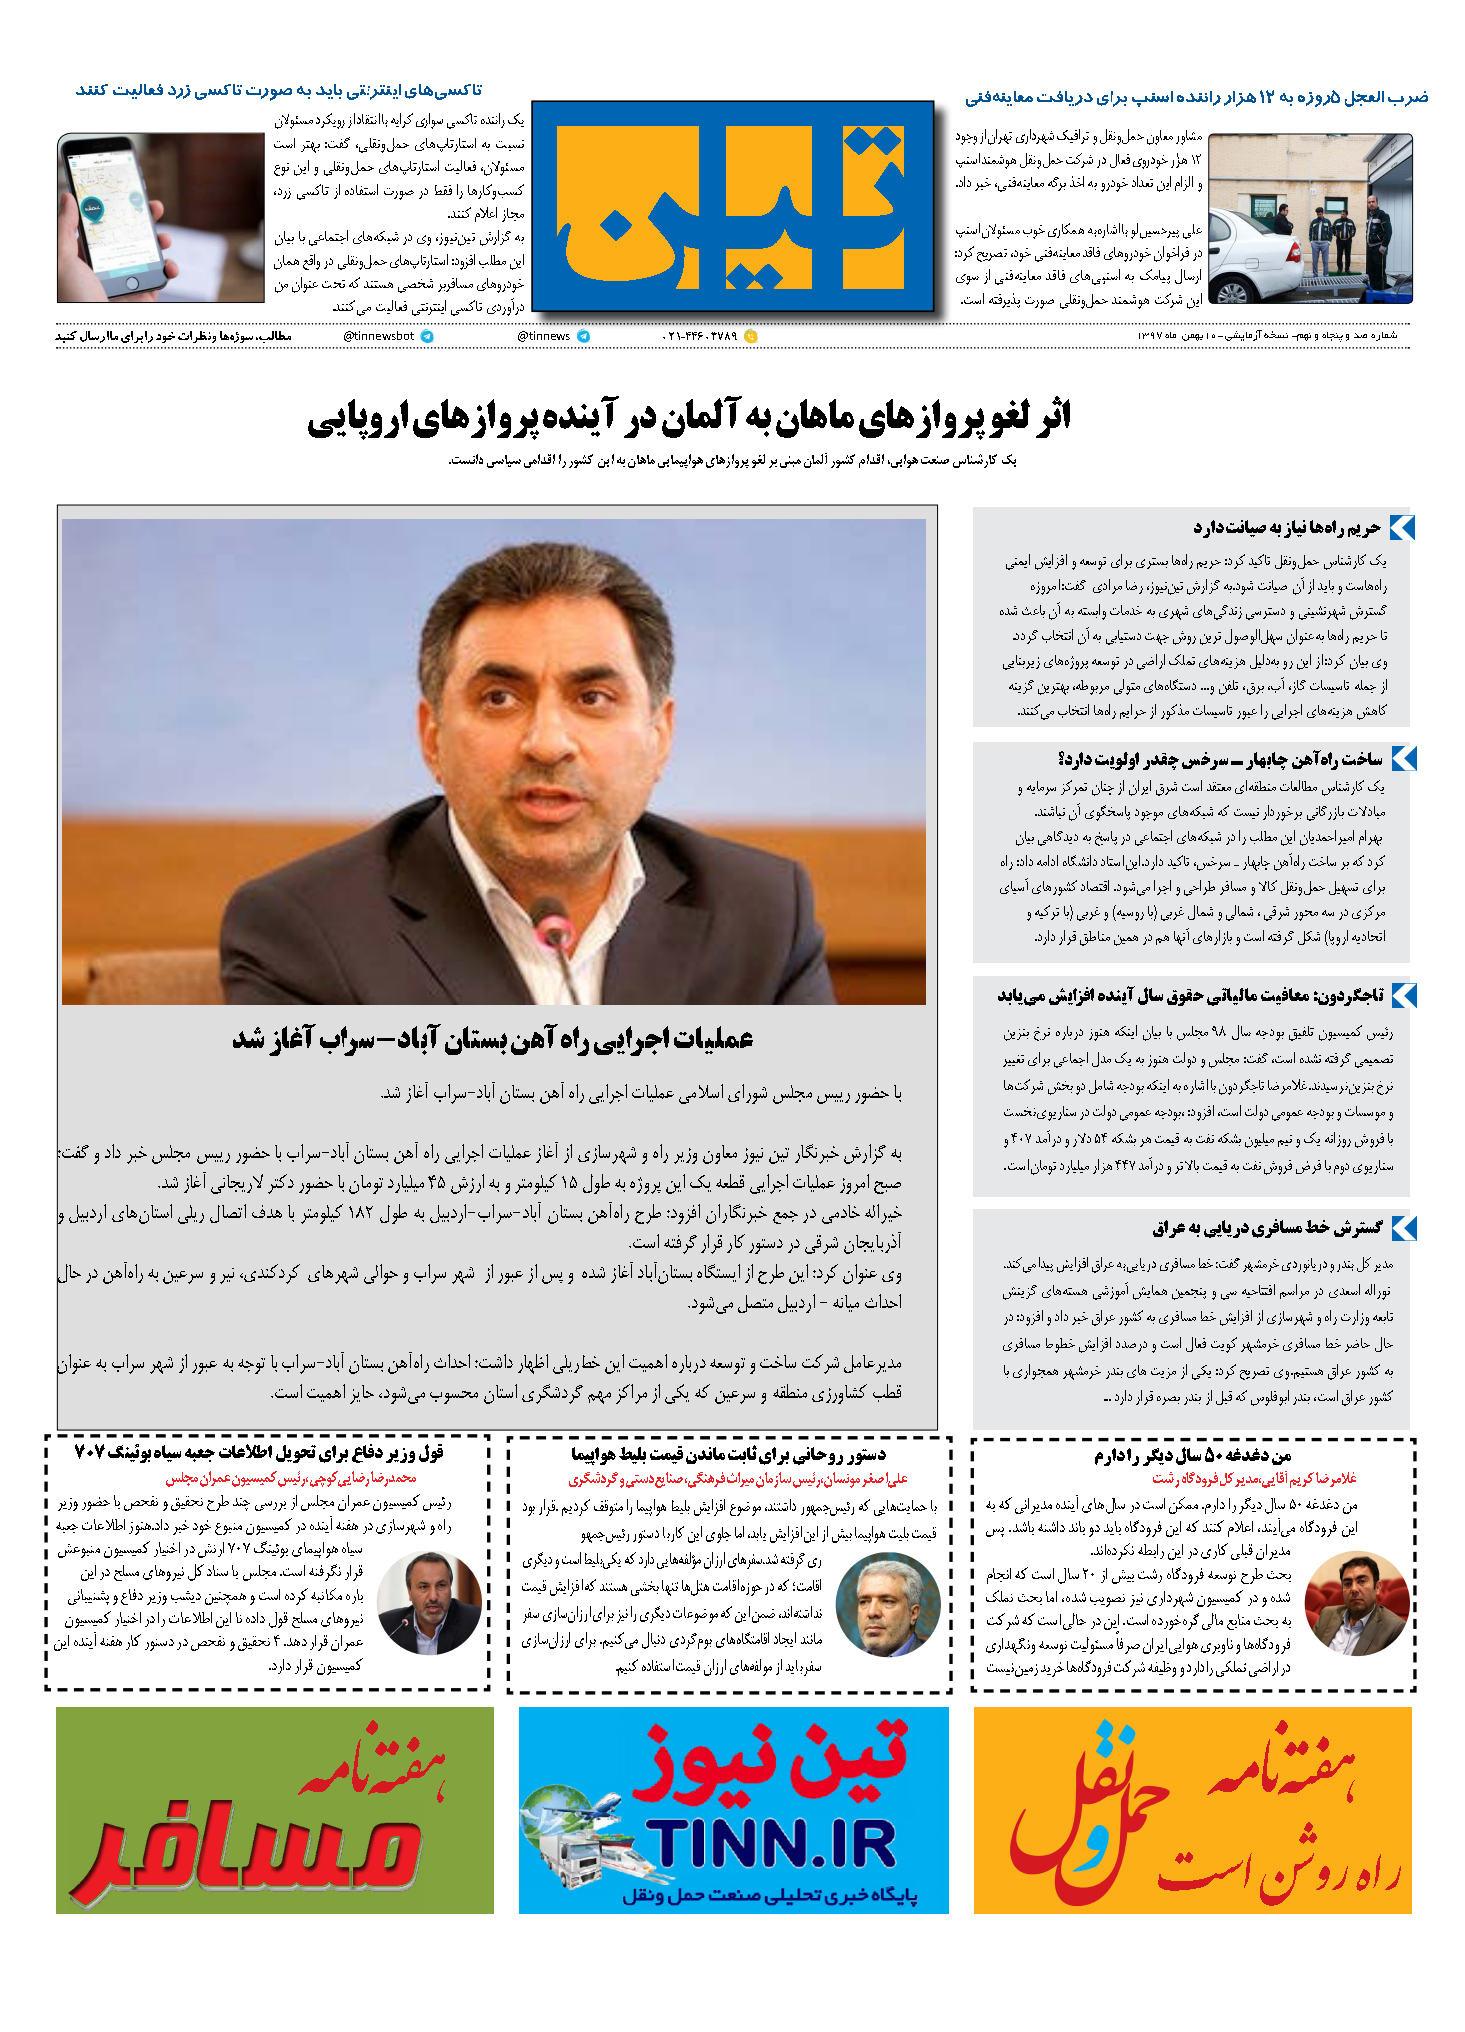 روزنامه الکترونیک 10 بهمن ماه 97